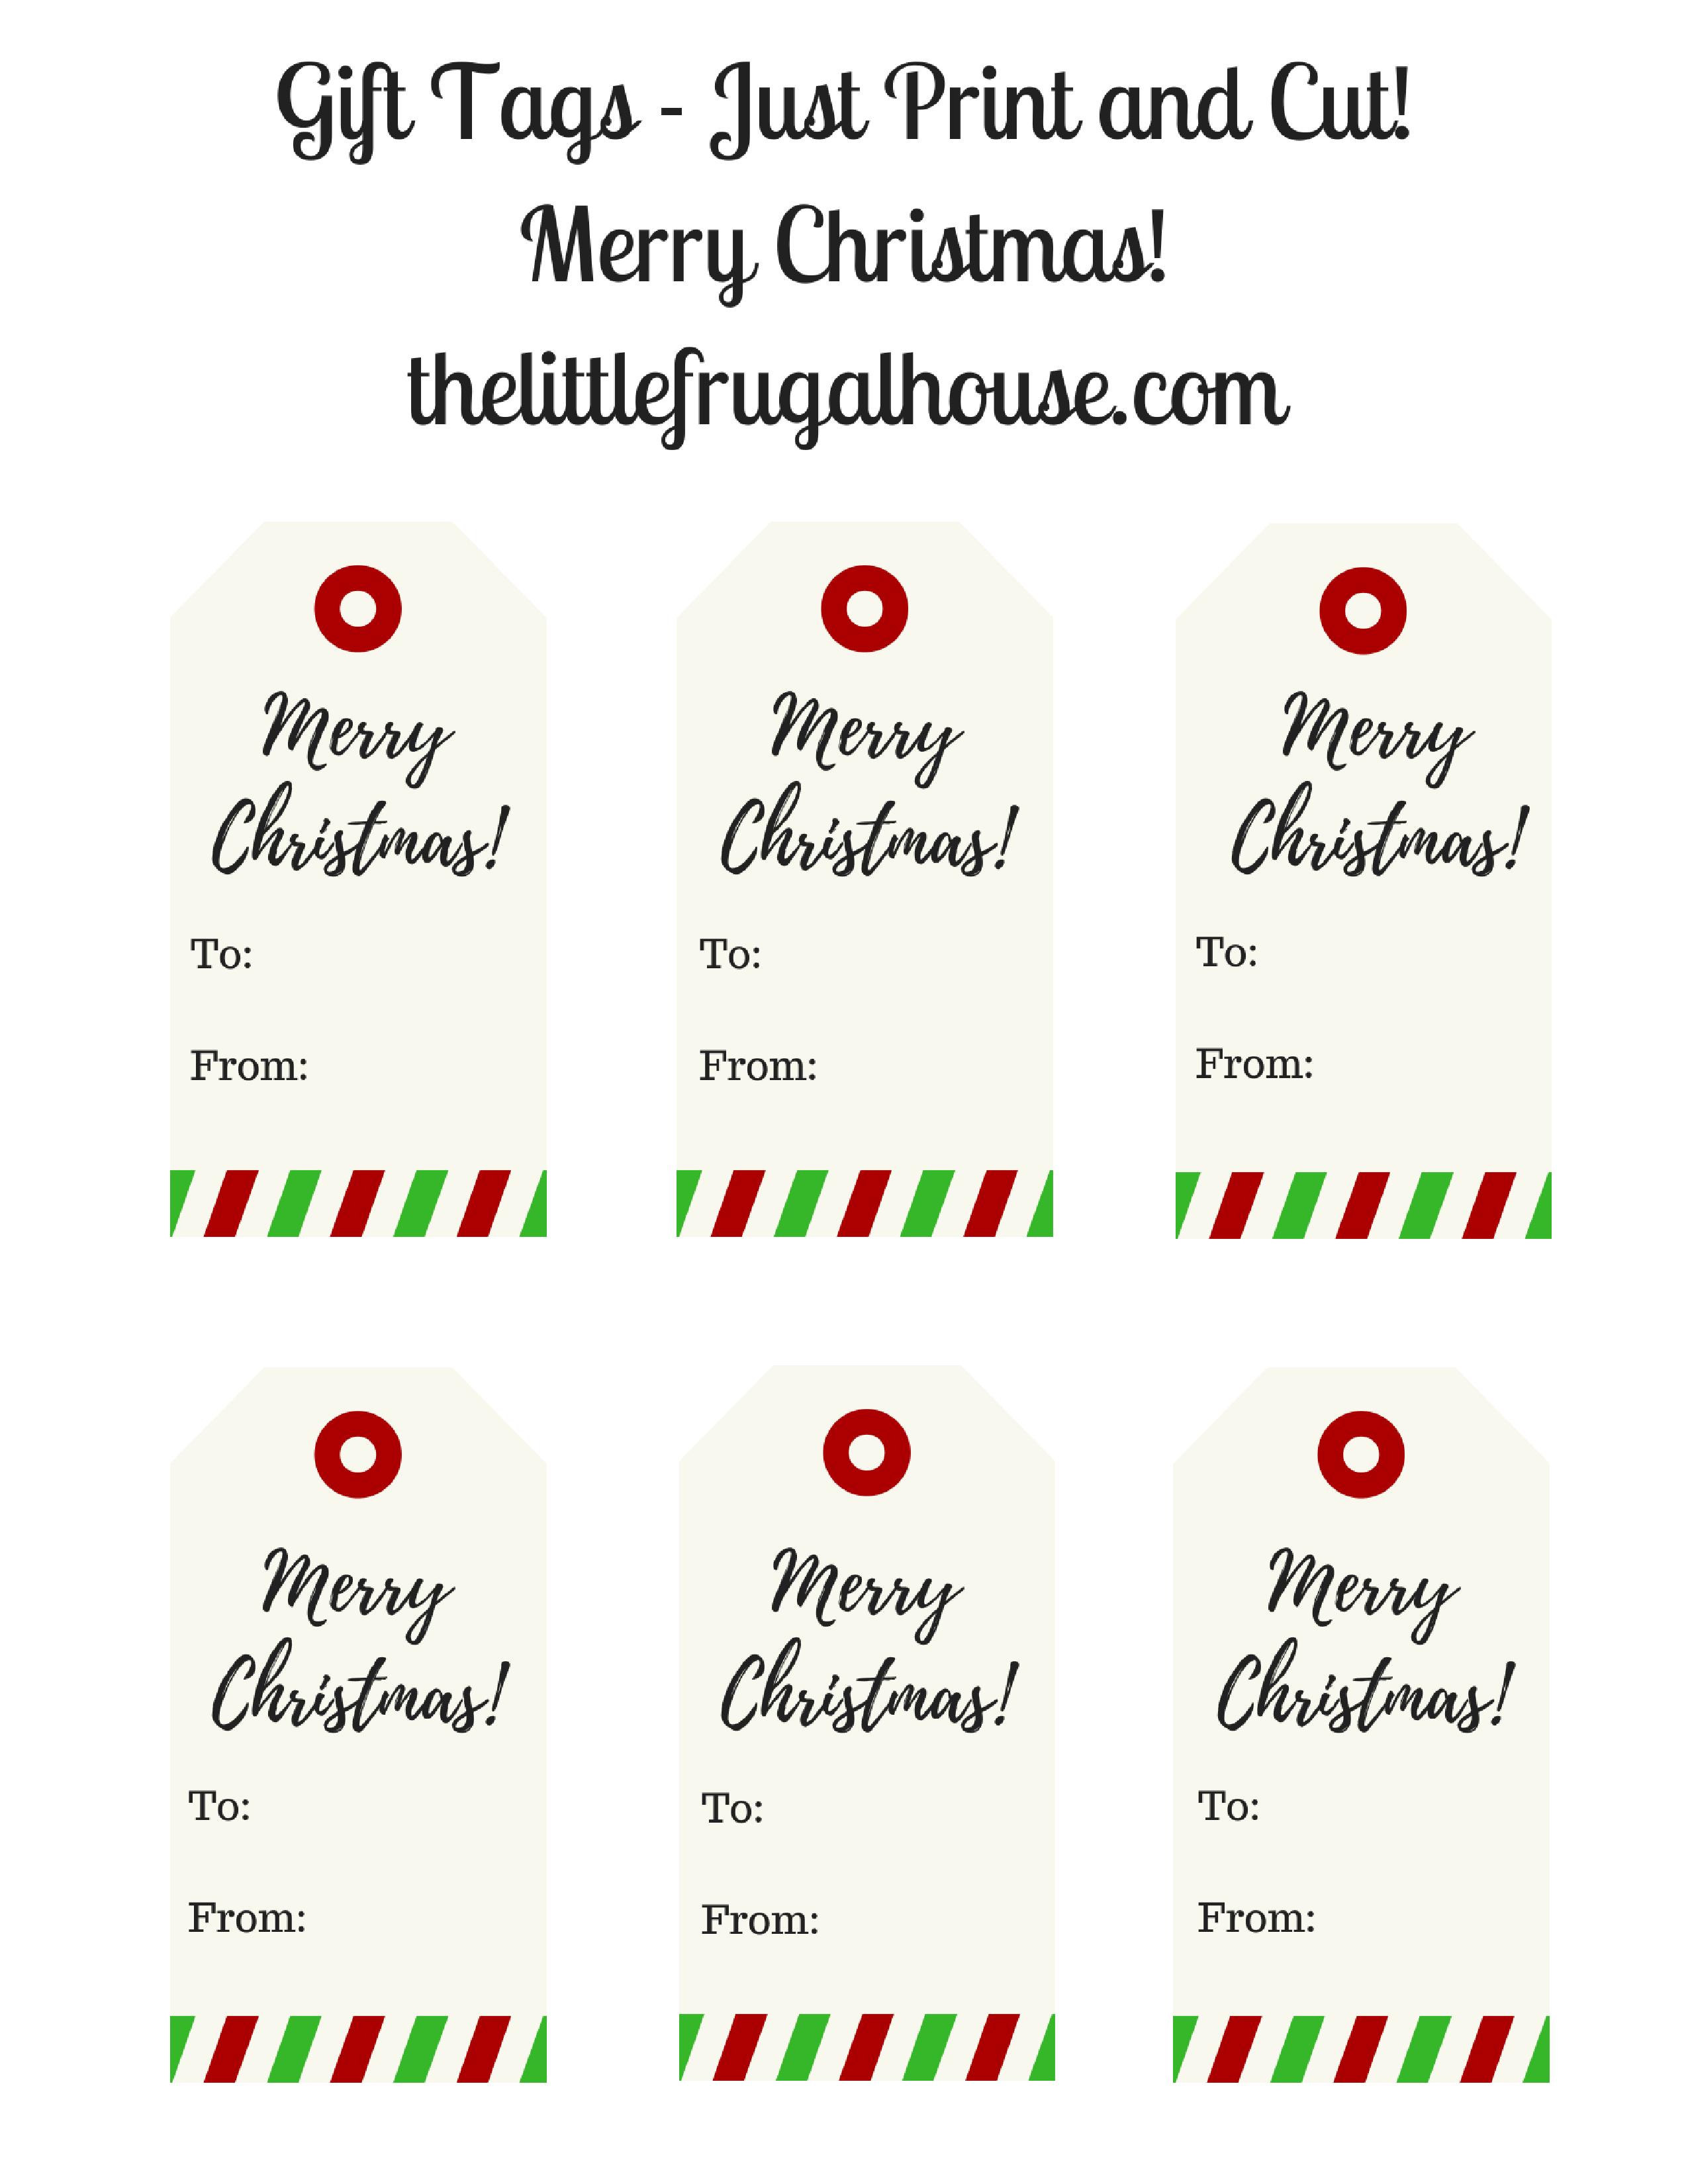 Merry Christmas Gift Tags.Free Christmas Gift Tags Printable Merry Christmas Gift